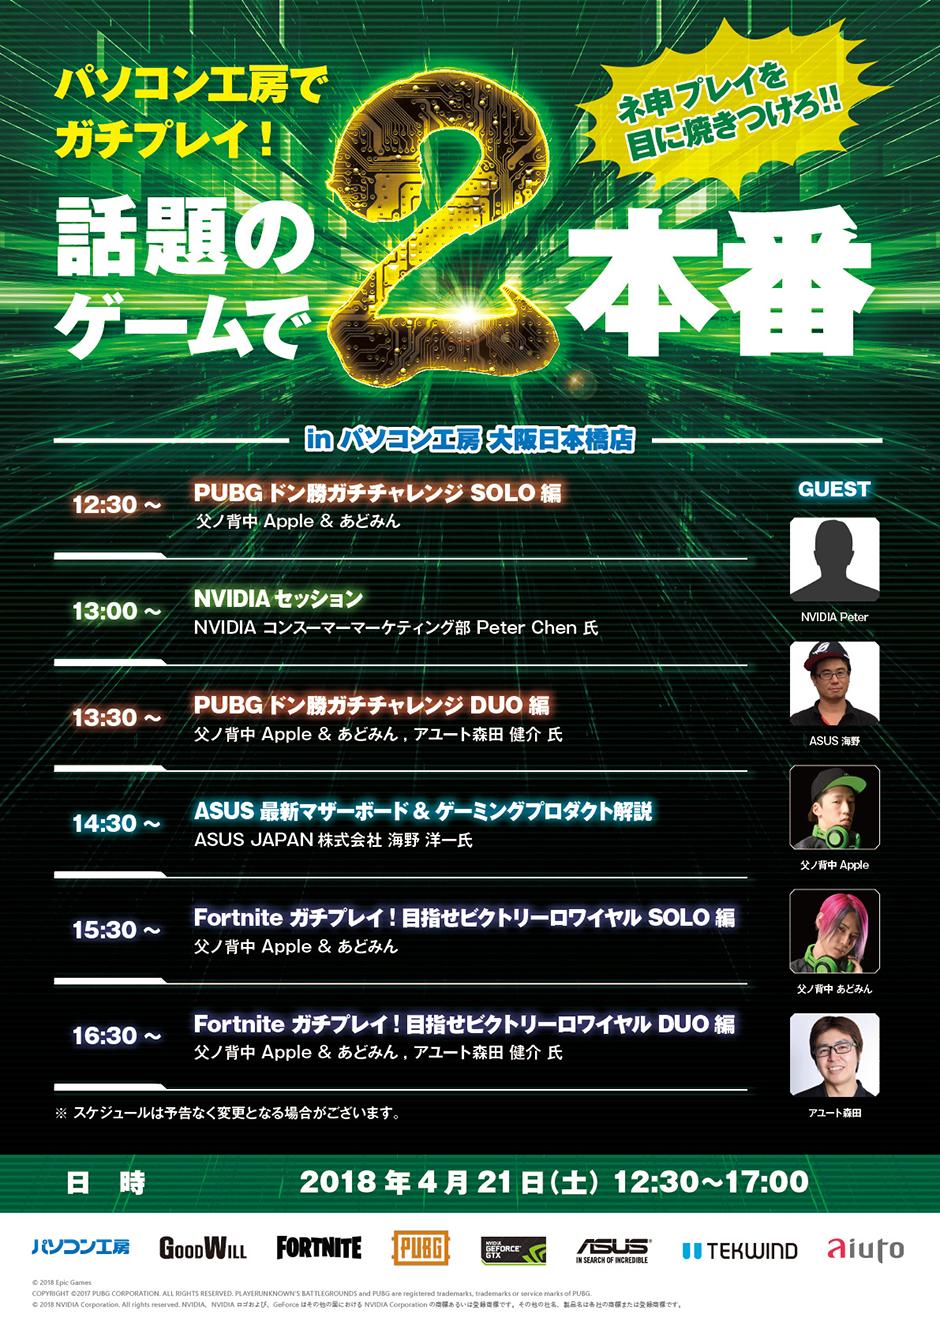 パソコン工房 大阪日本橋店開催「ネ申プレイを目に焼き付けろ!! ASUSゲーミングでガチプレイ!話題のゲームで2本番」